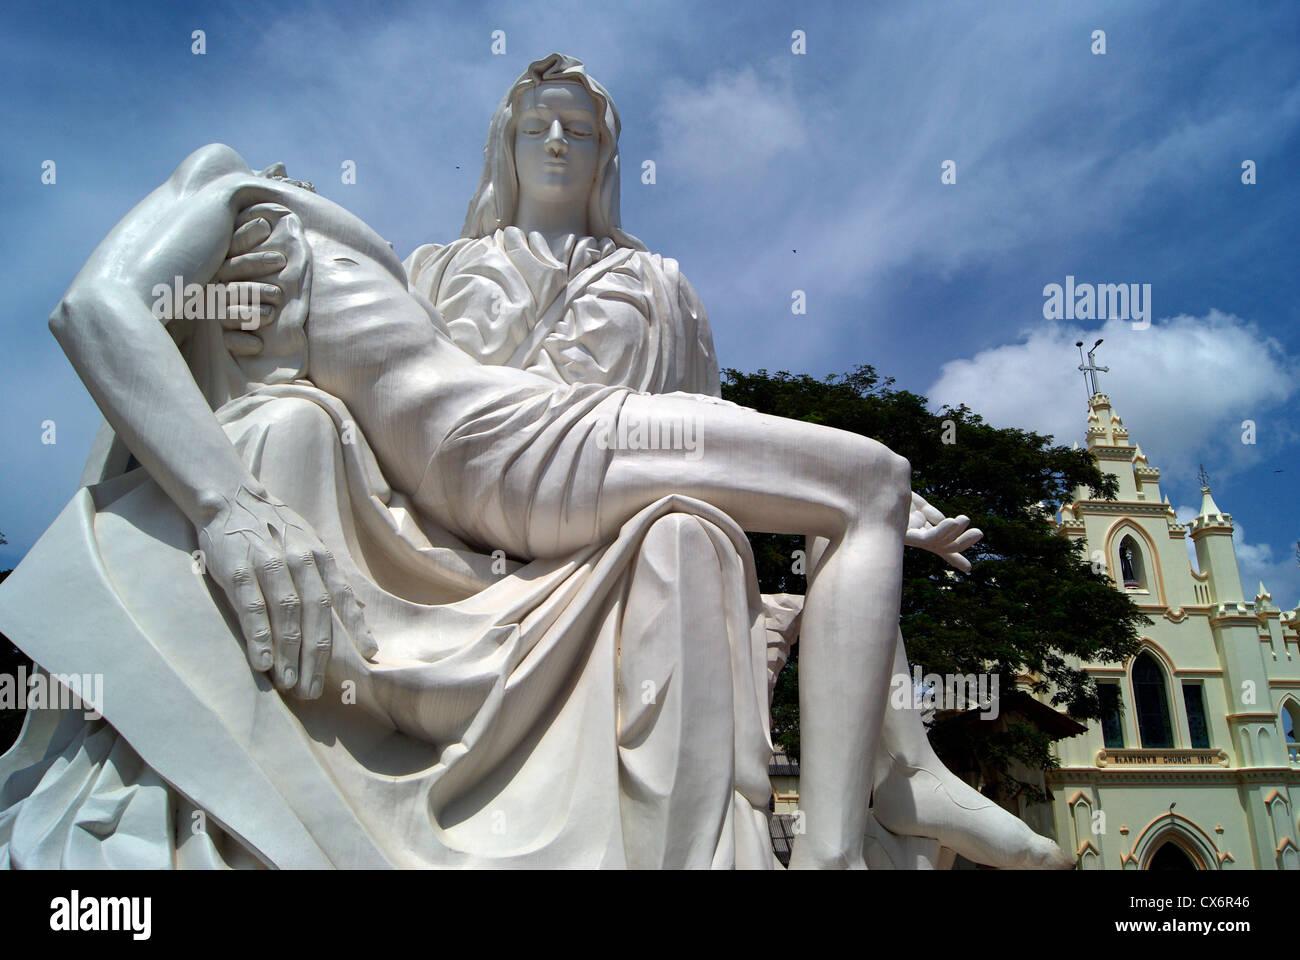 Bildresultat för jesus christ statue michelangelo